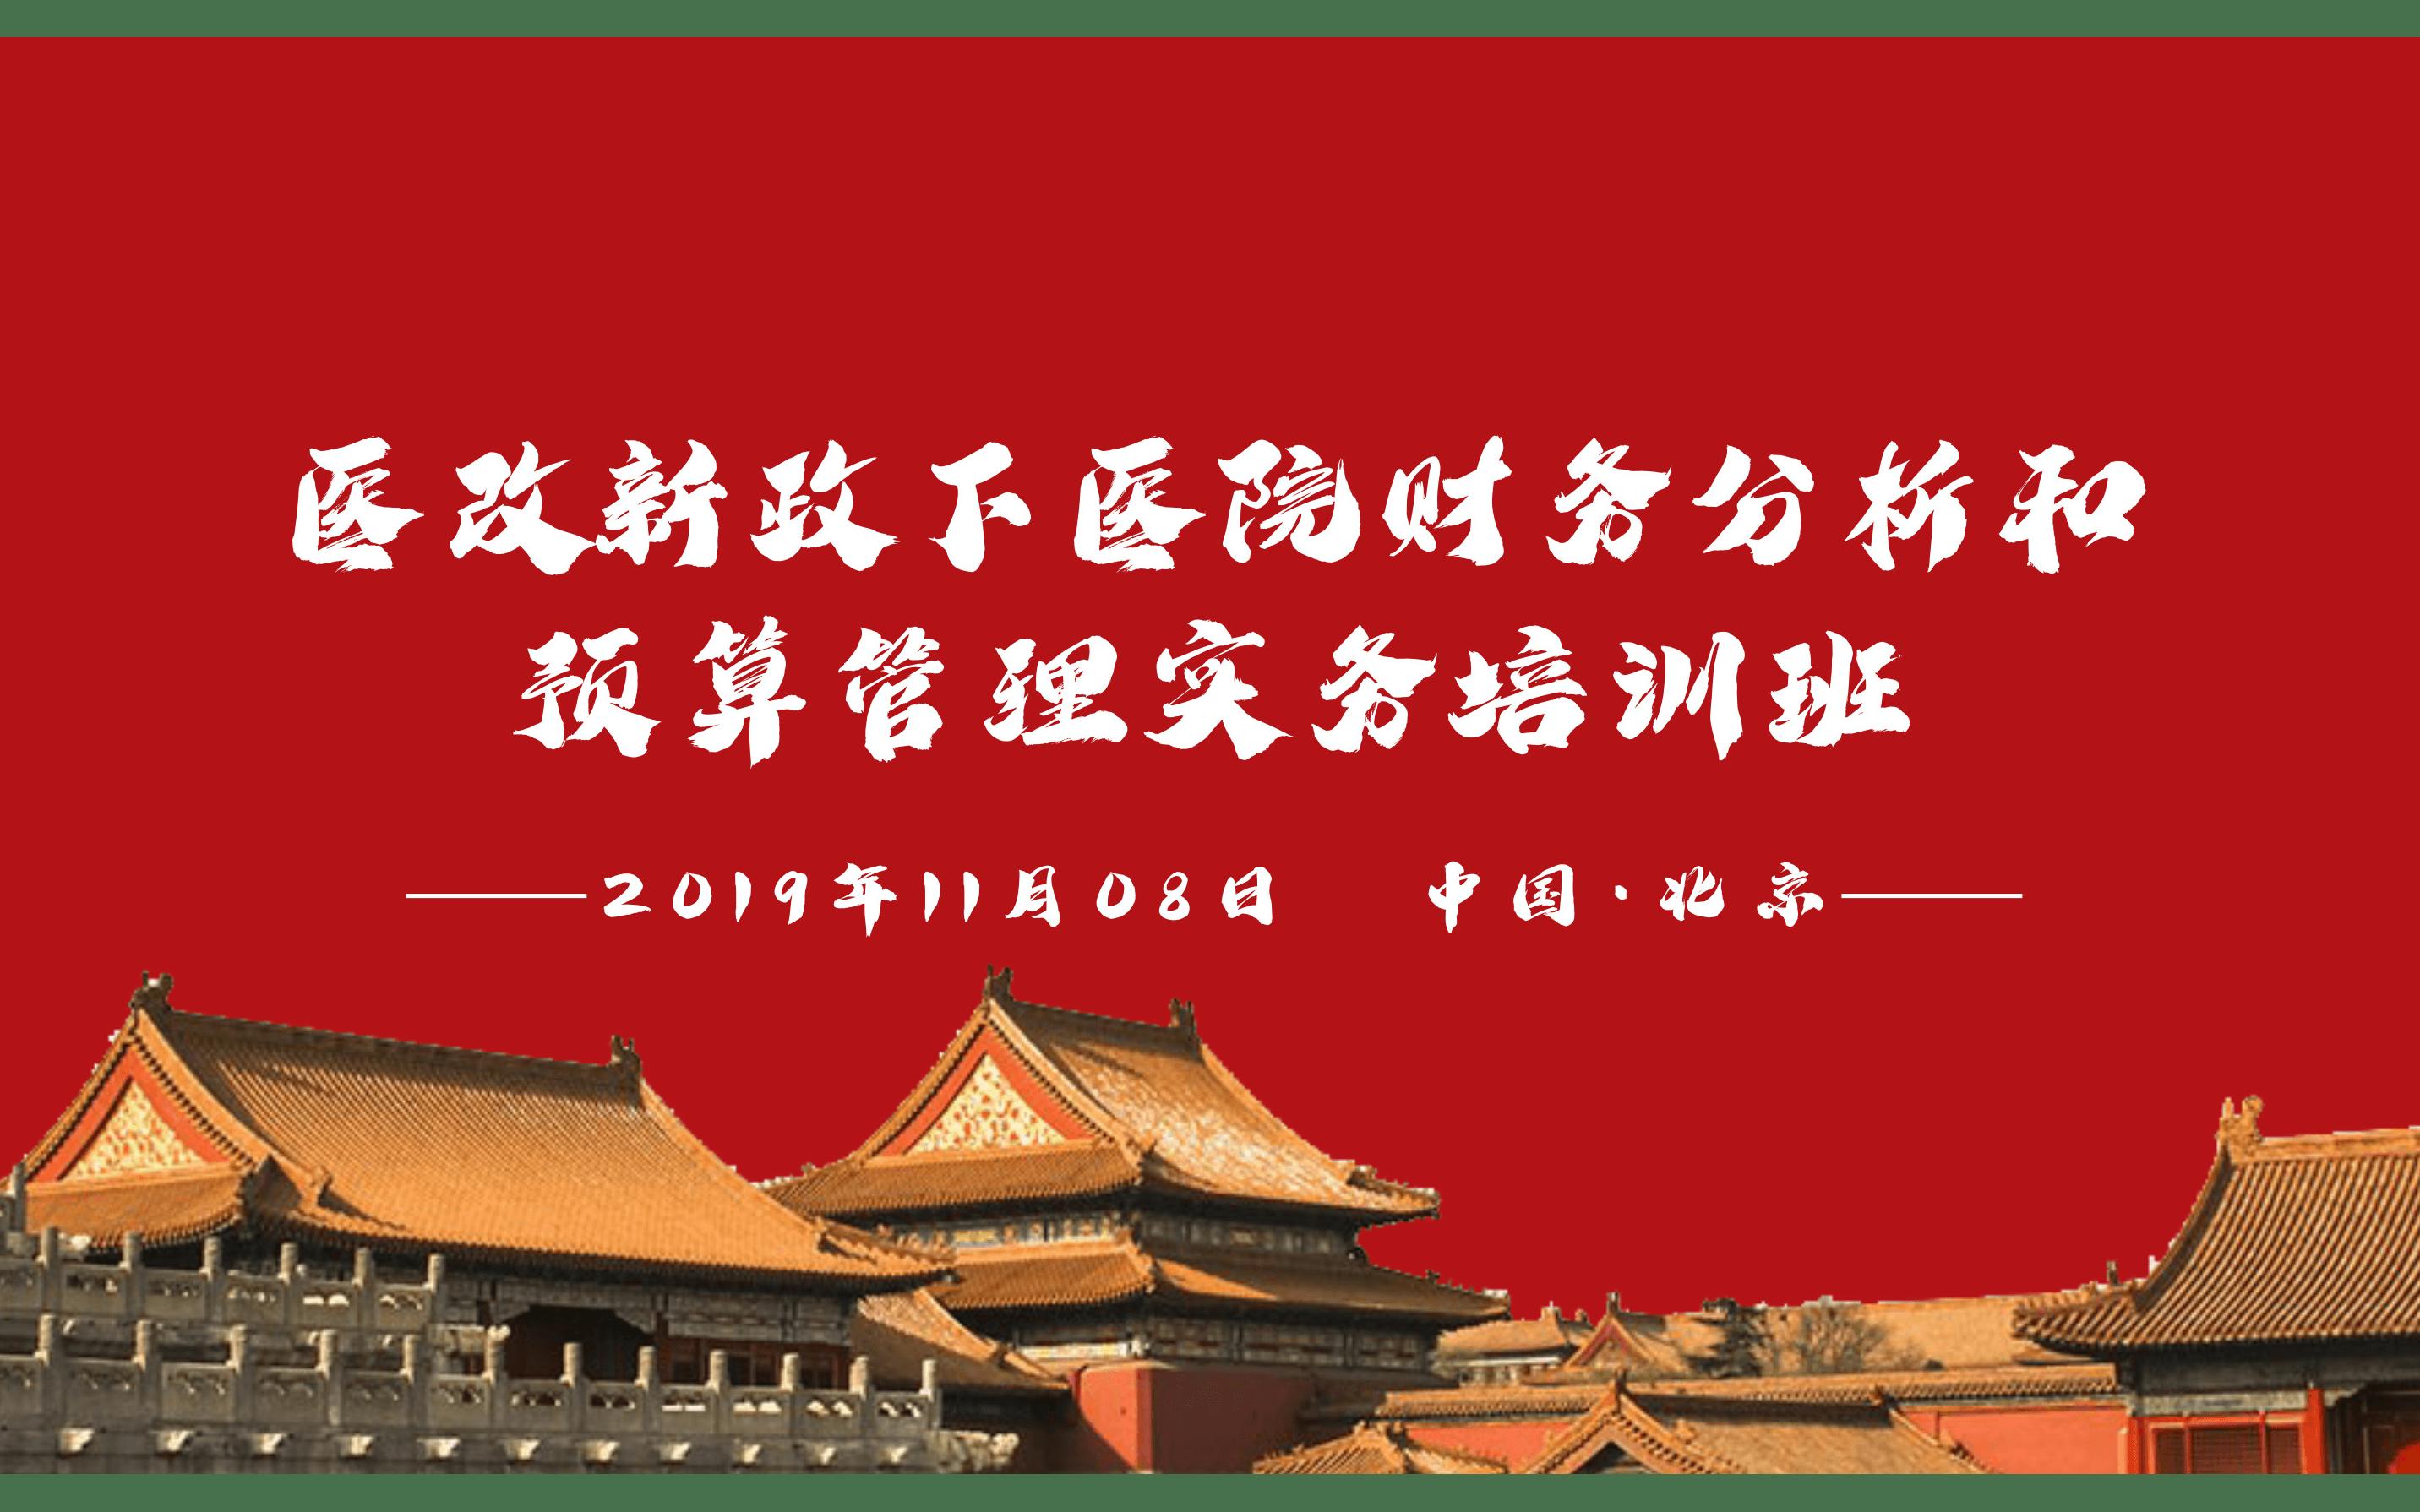 2019医改新政下医院财务分析和预算管理实务培训班(北京)